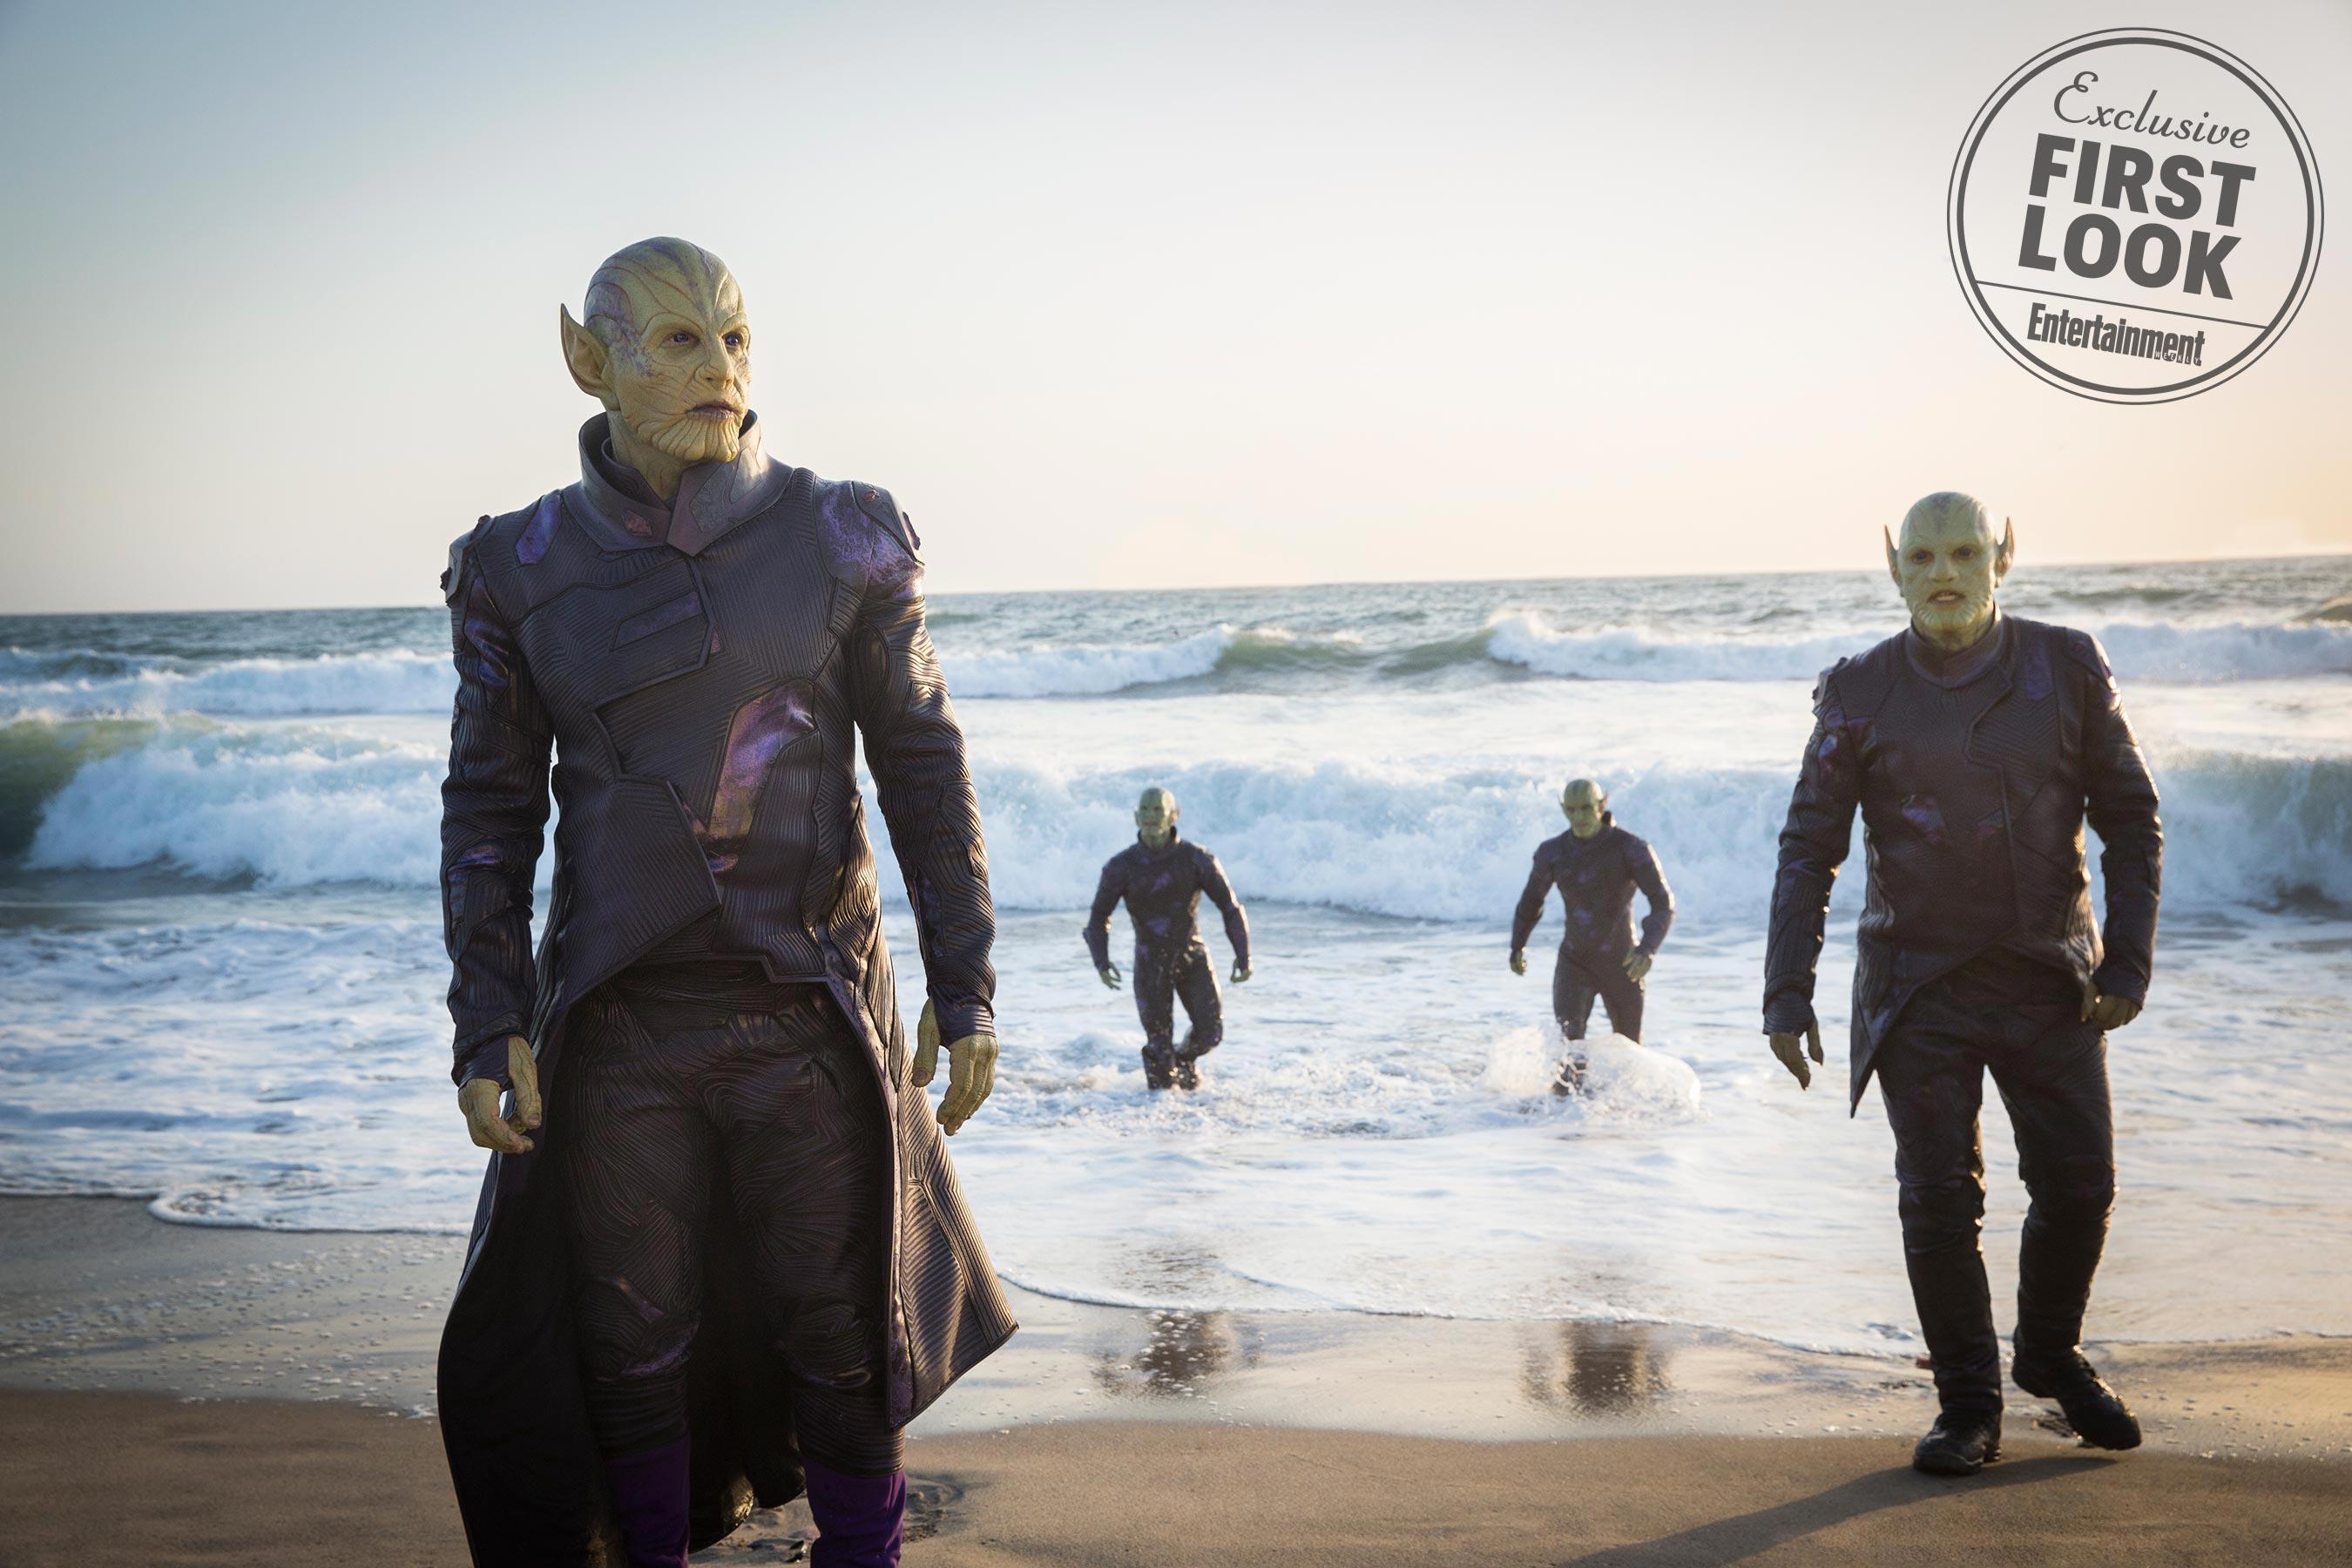 Talos (Ben Mendelsohn) and the Skrulls marvel studios captain marvel